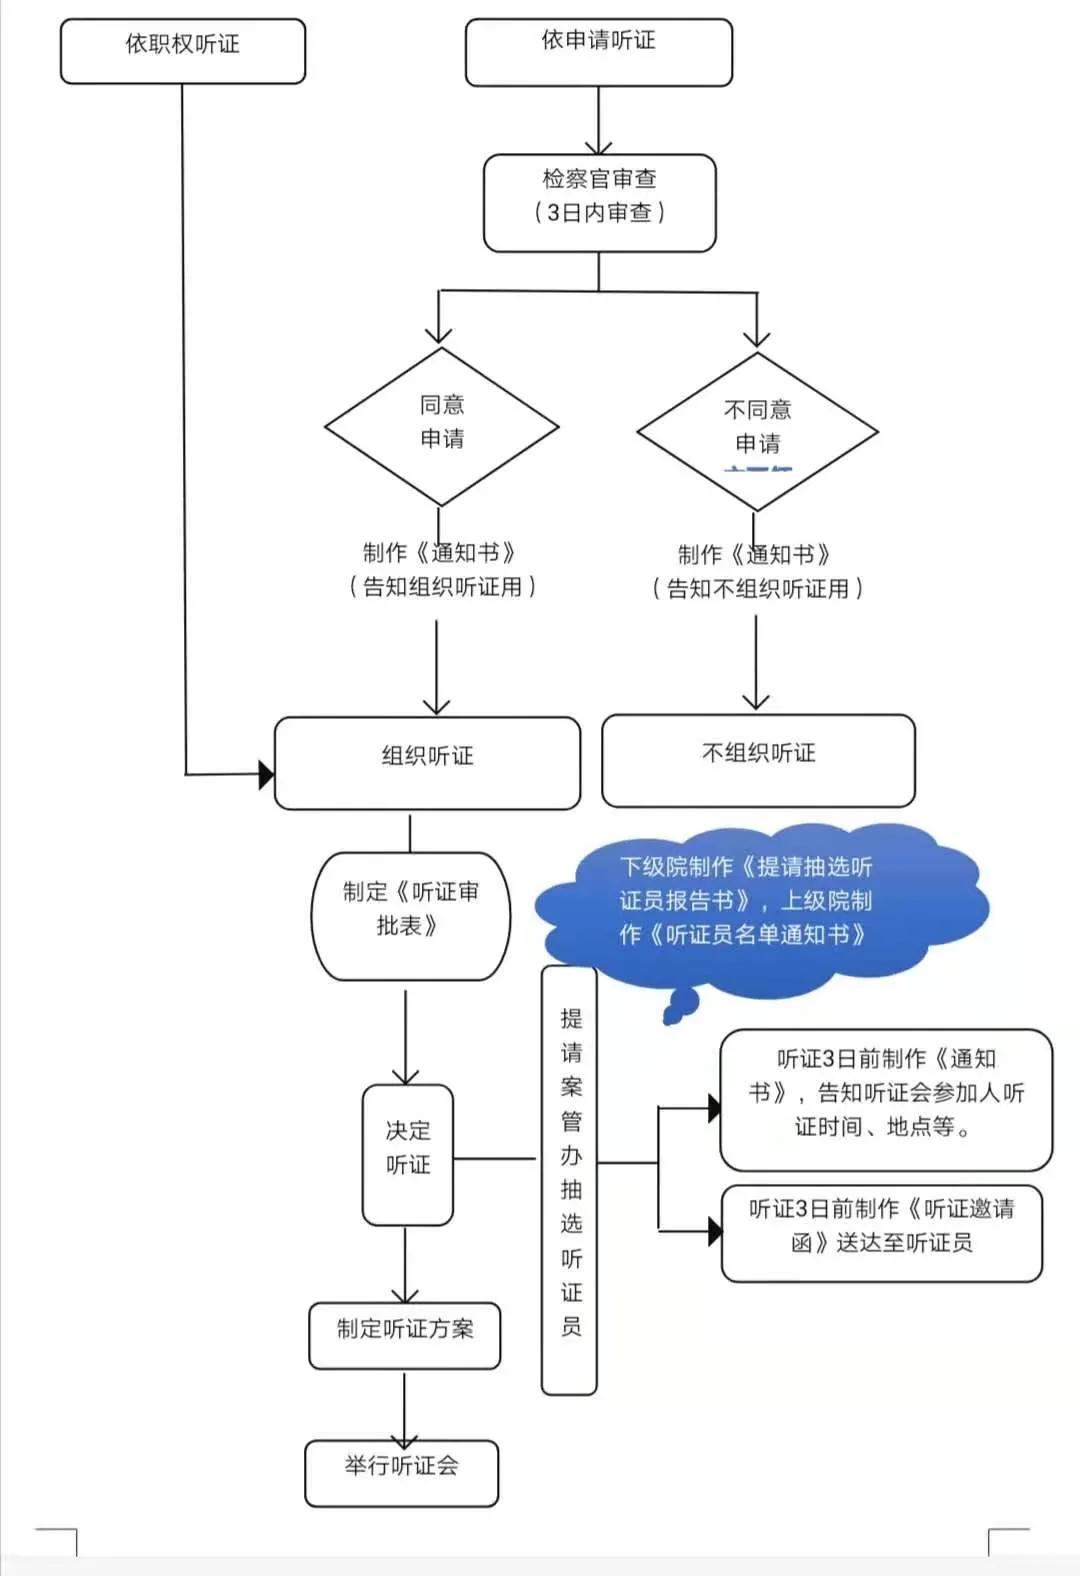 开听证会意味着就有结果(听证会的流程图)